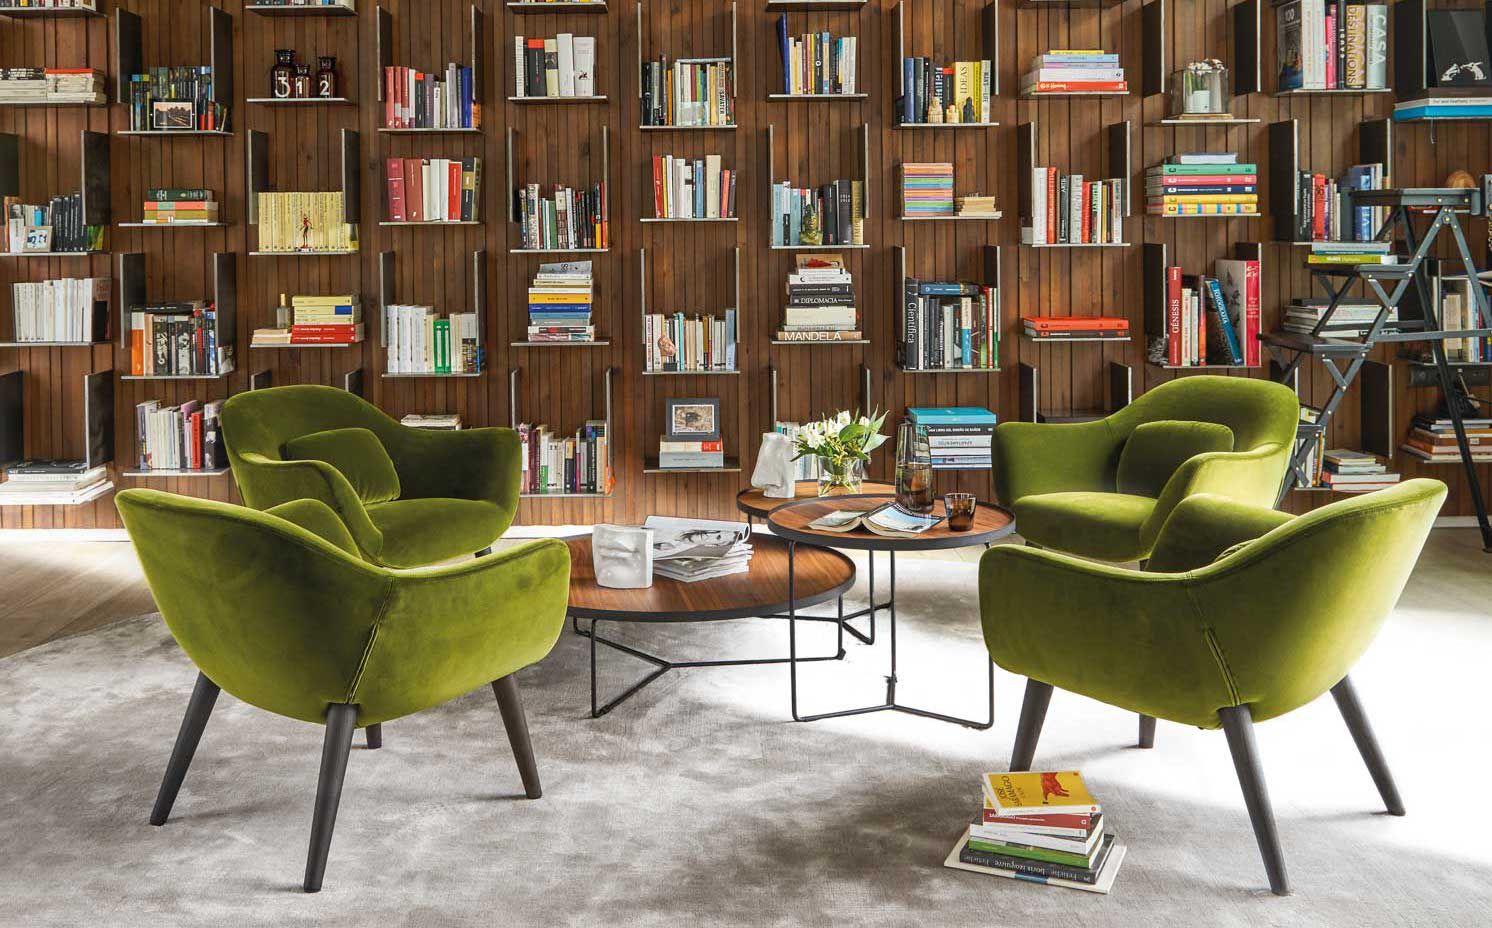 00445710 La Librer A Que Protagoniza Este Ambiente Es Un Dise O  # Muebles Nazaret